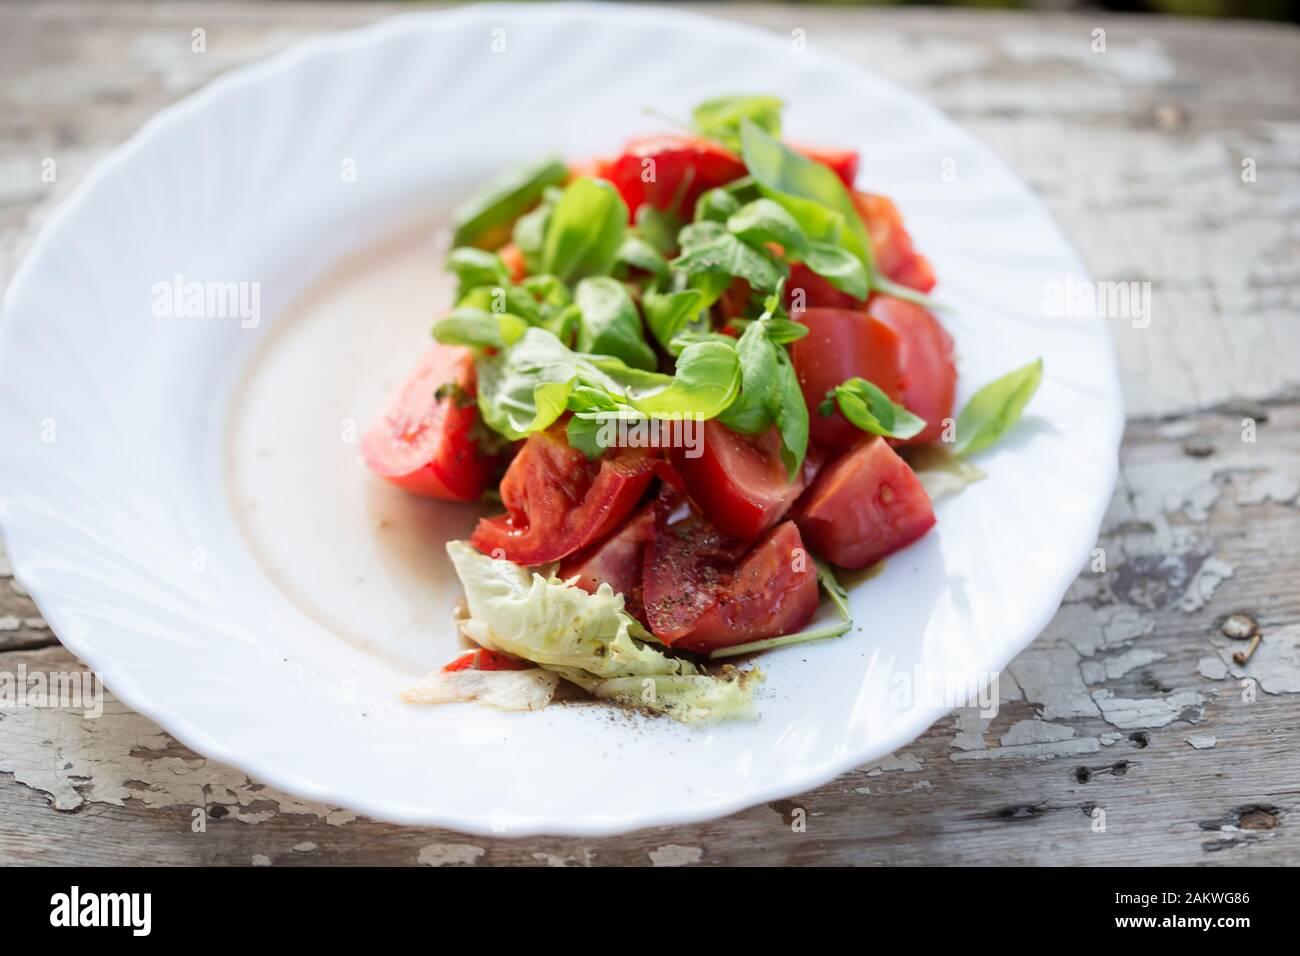 Ensalada de tomate con lechuga, albahaca y vinagreta Foto de stock